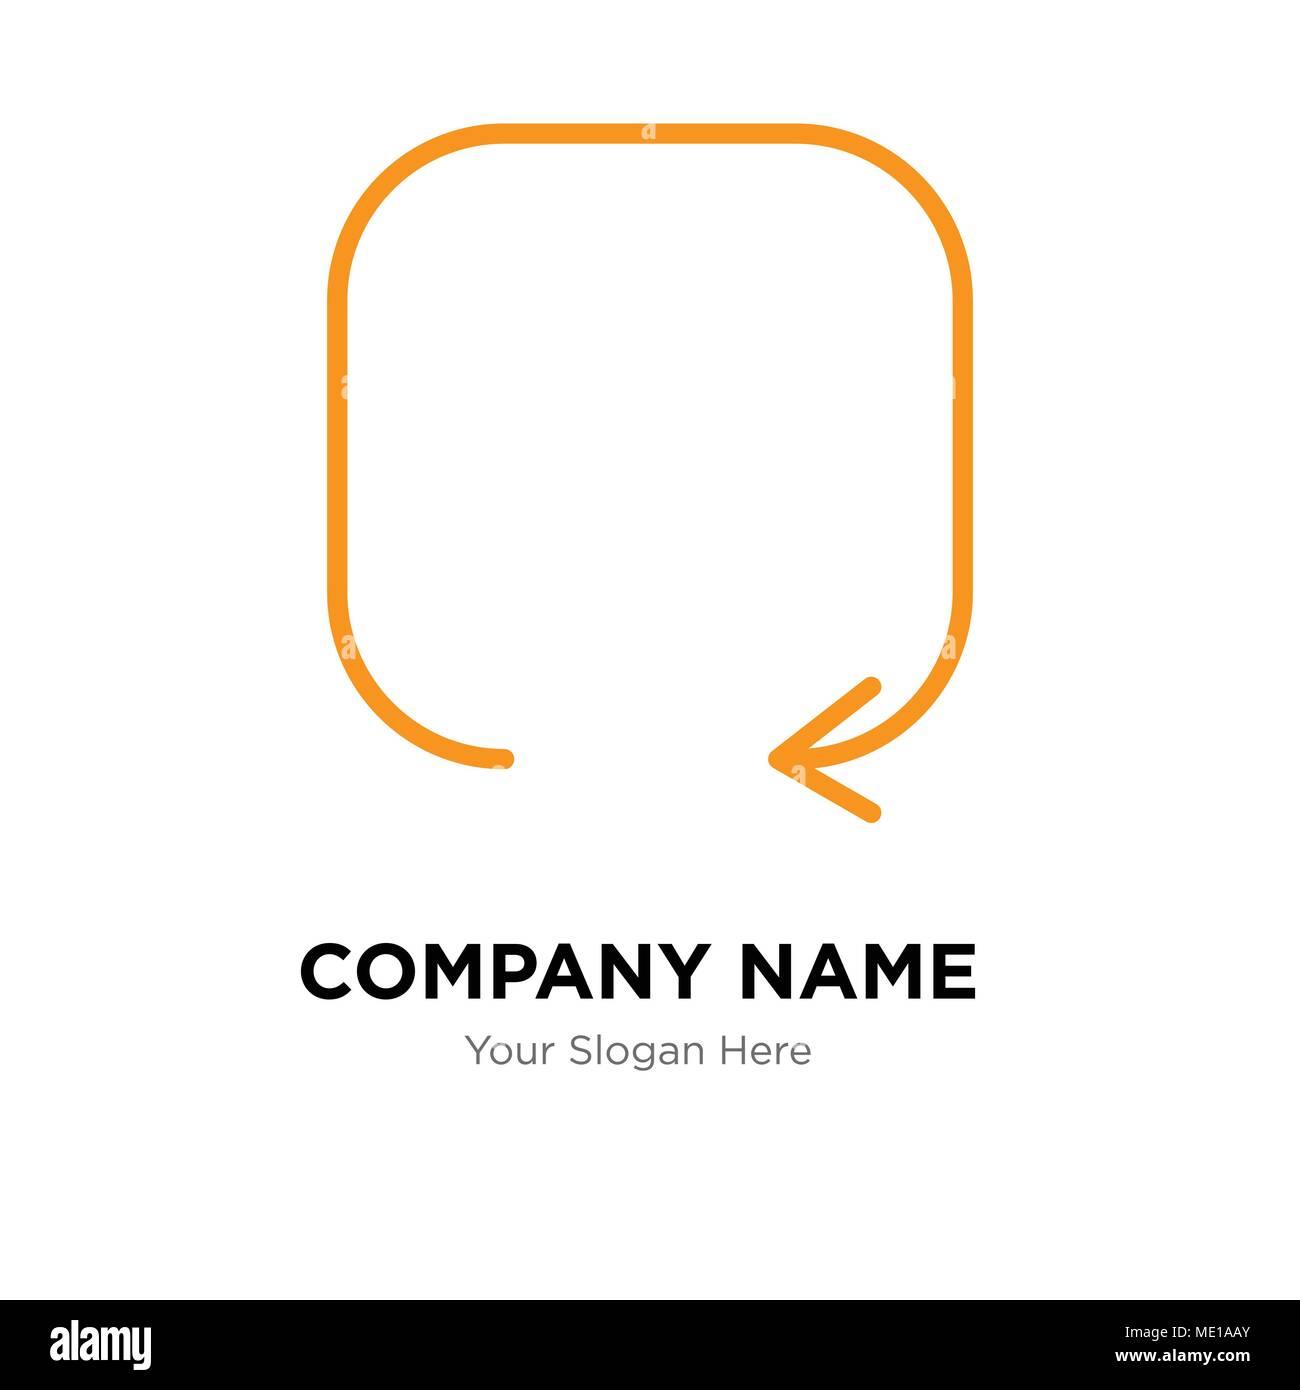 update arrow company logo design template business corporate vector